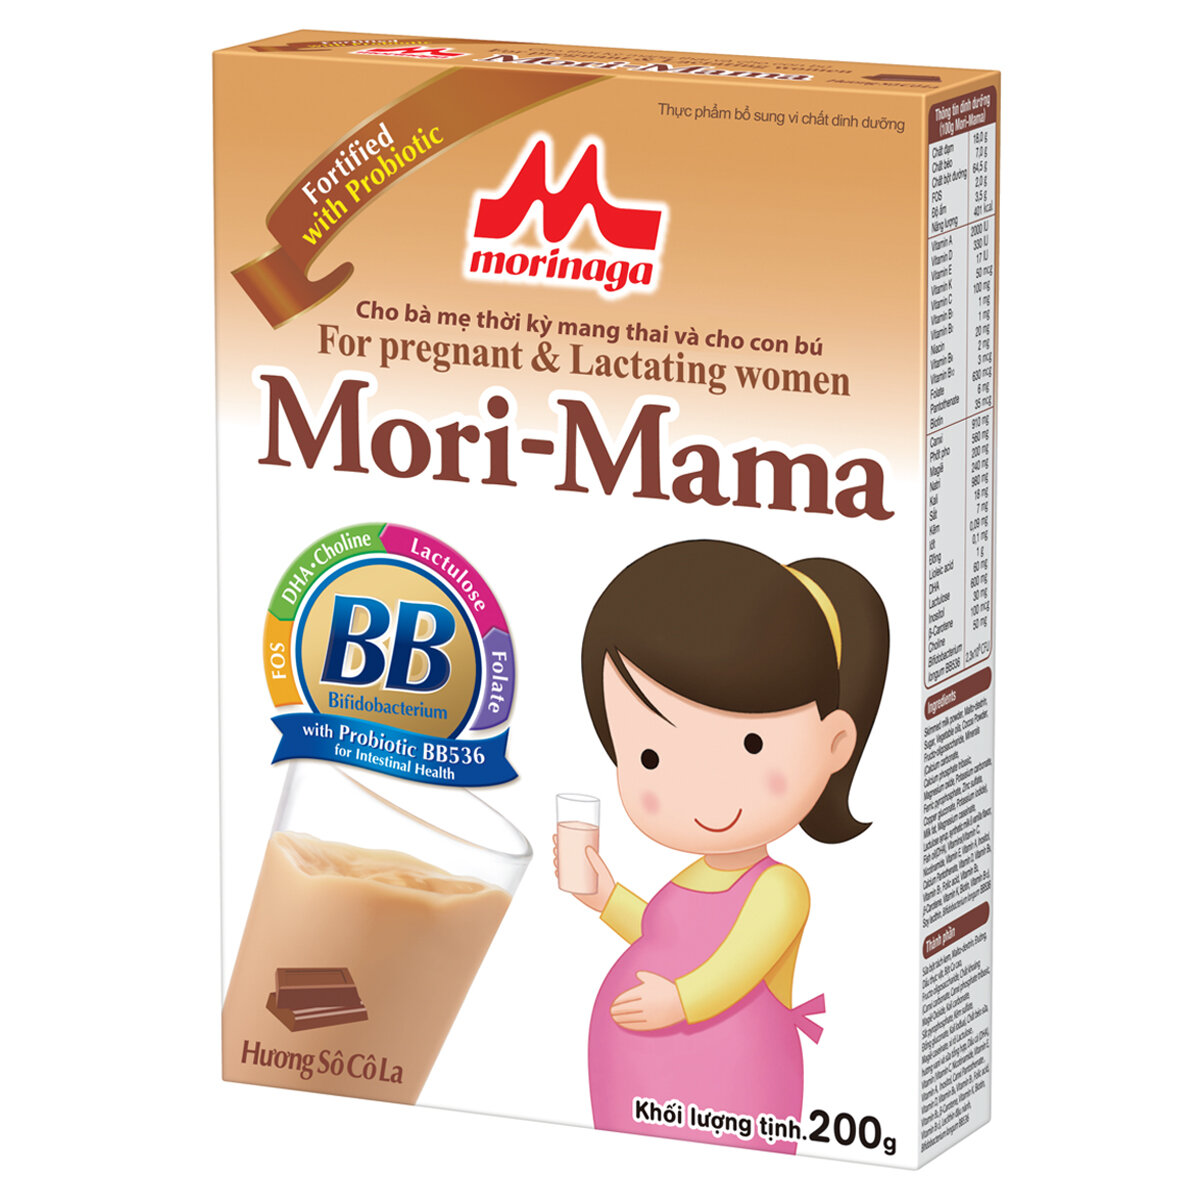 Sữa bầu Morinaga Mori-mama - hộp 200g